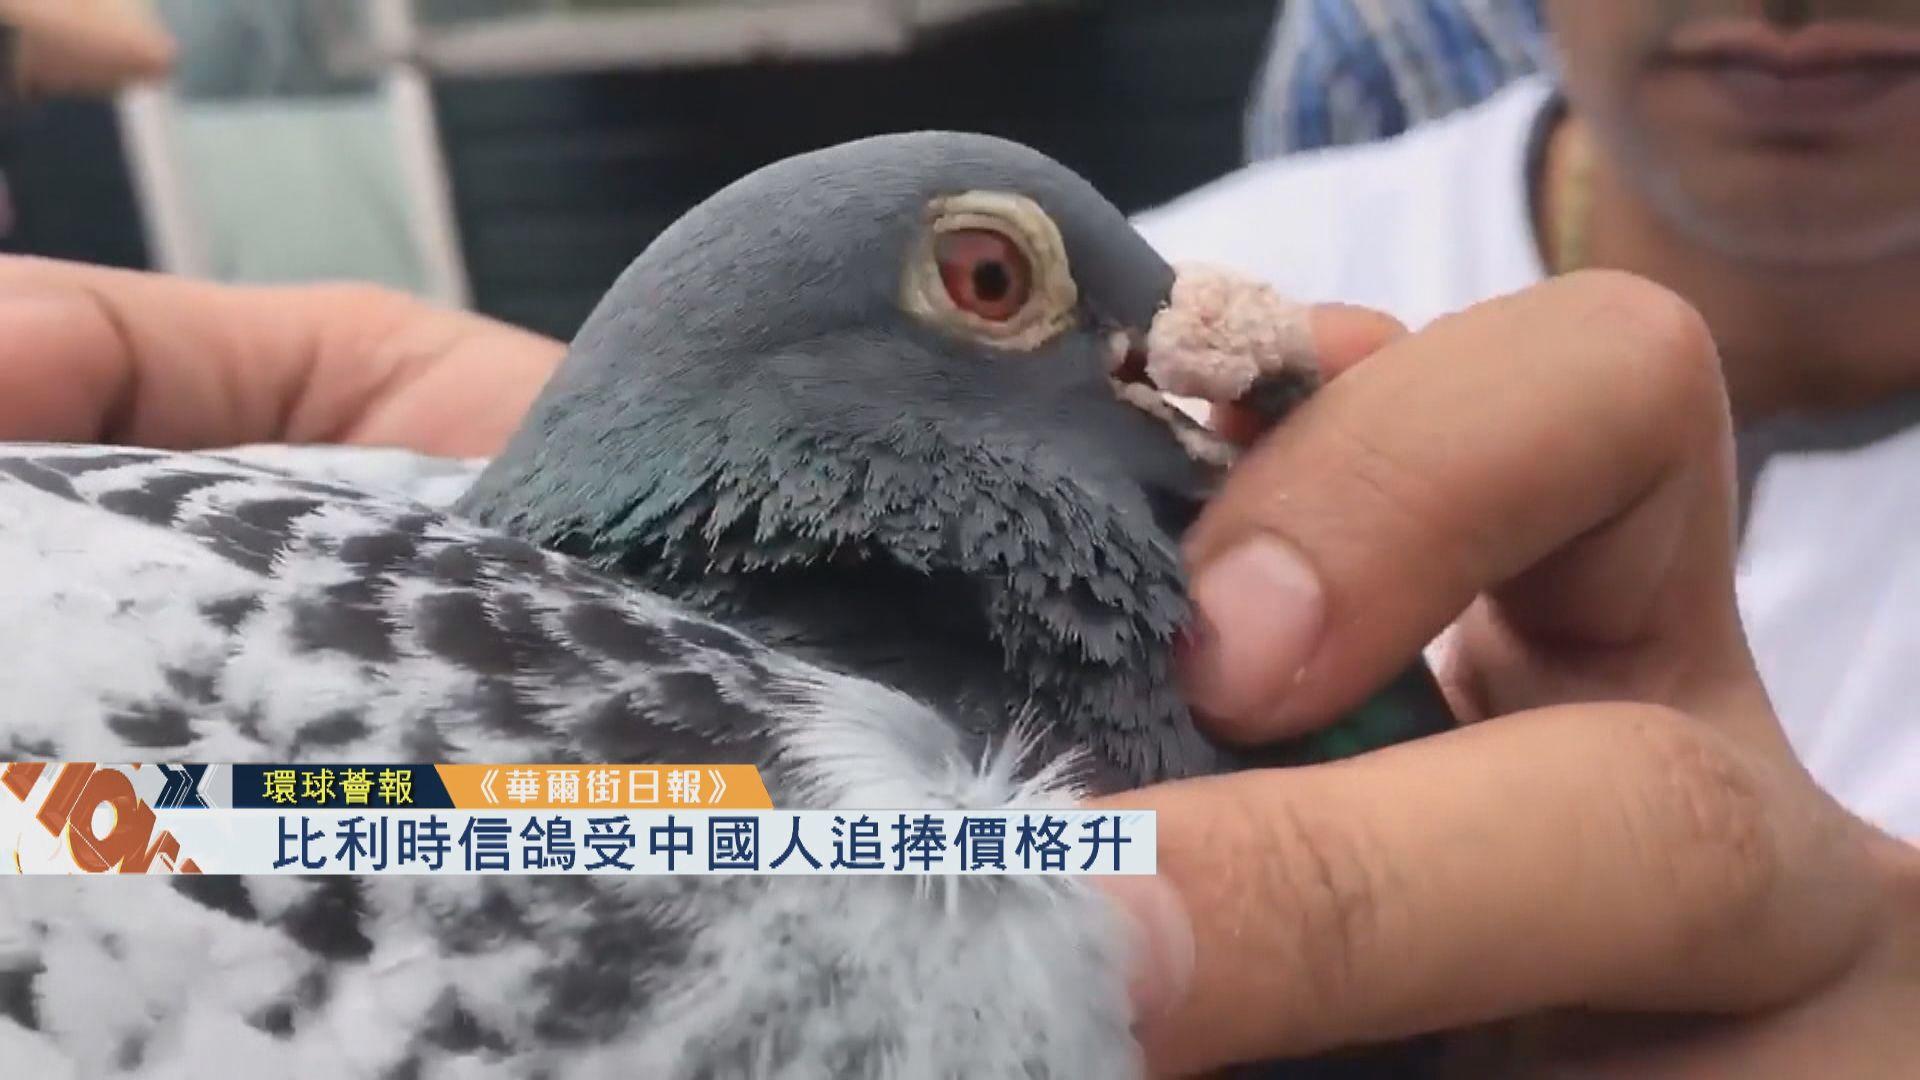 【環球薈報】比利時信鴿受中國人追捧價格飆升